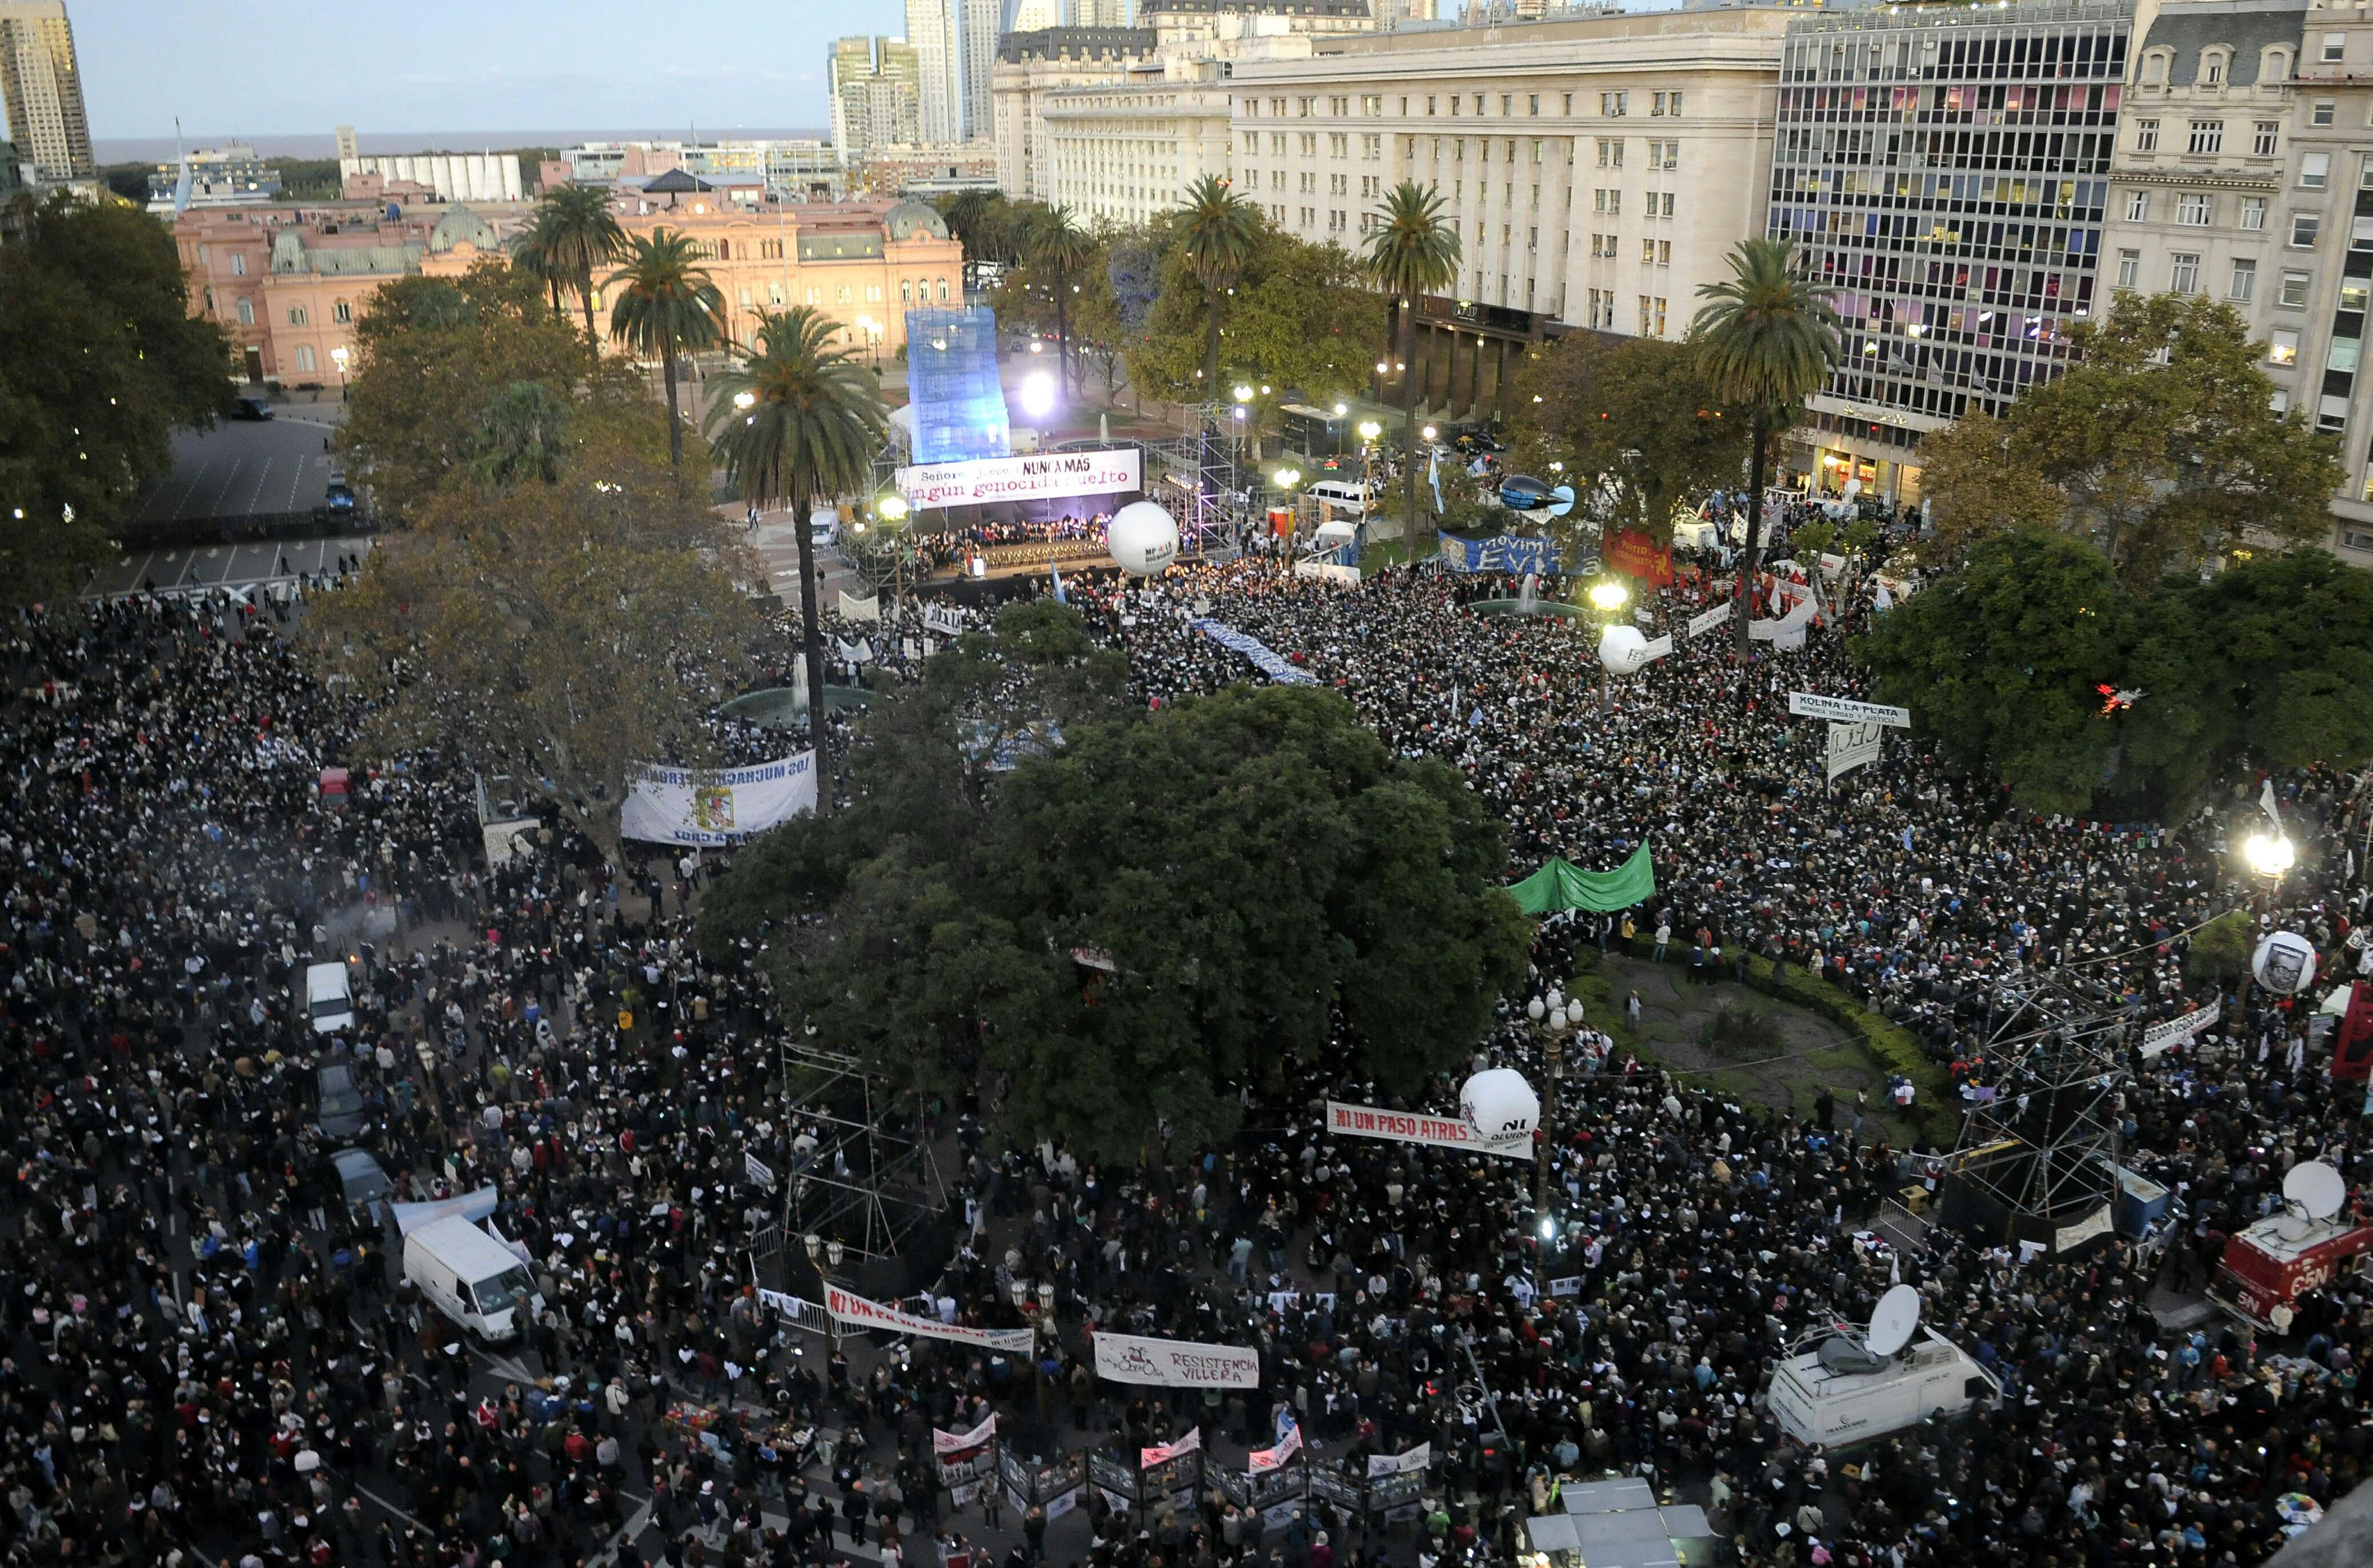 Menschenrechtsgruppen, Anwälte, Gewerkschaften, soziale Organisationen und politische Parteien einig gegen vorzeitige Freilassung